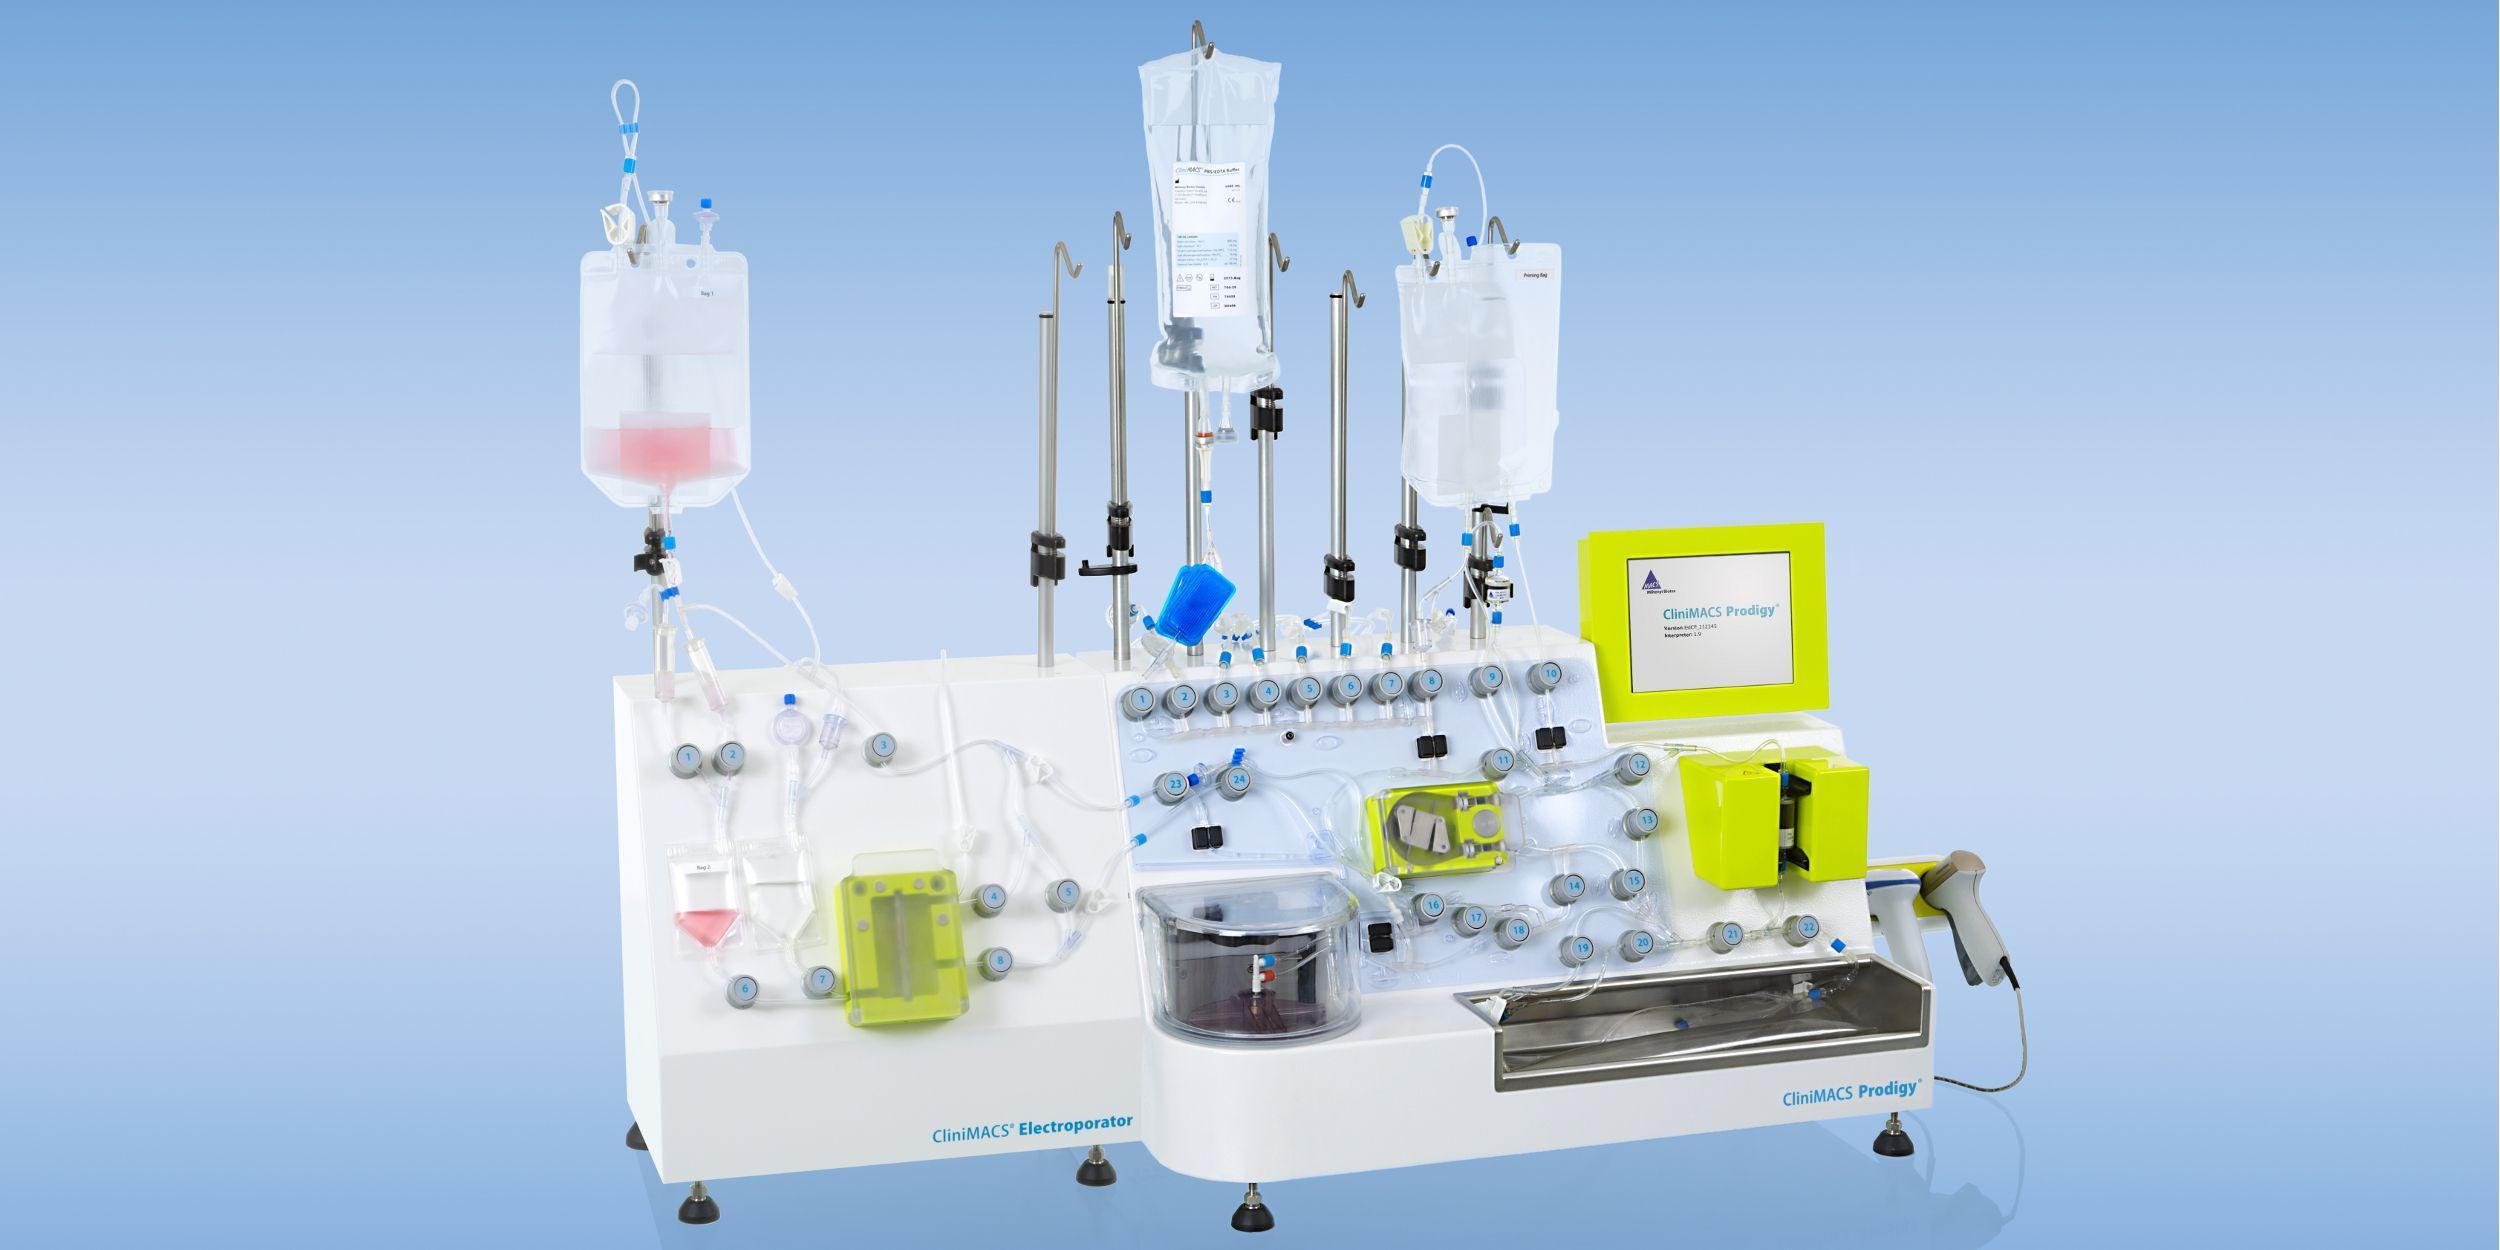 Создан компактный генномодификатор для лечения рака